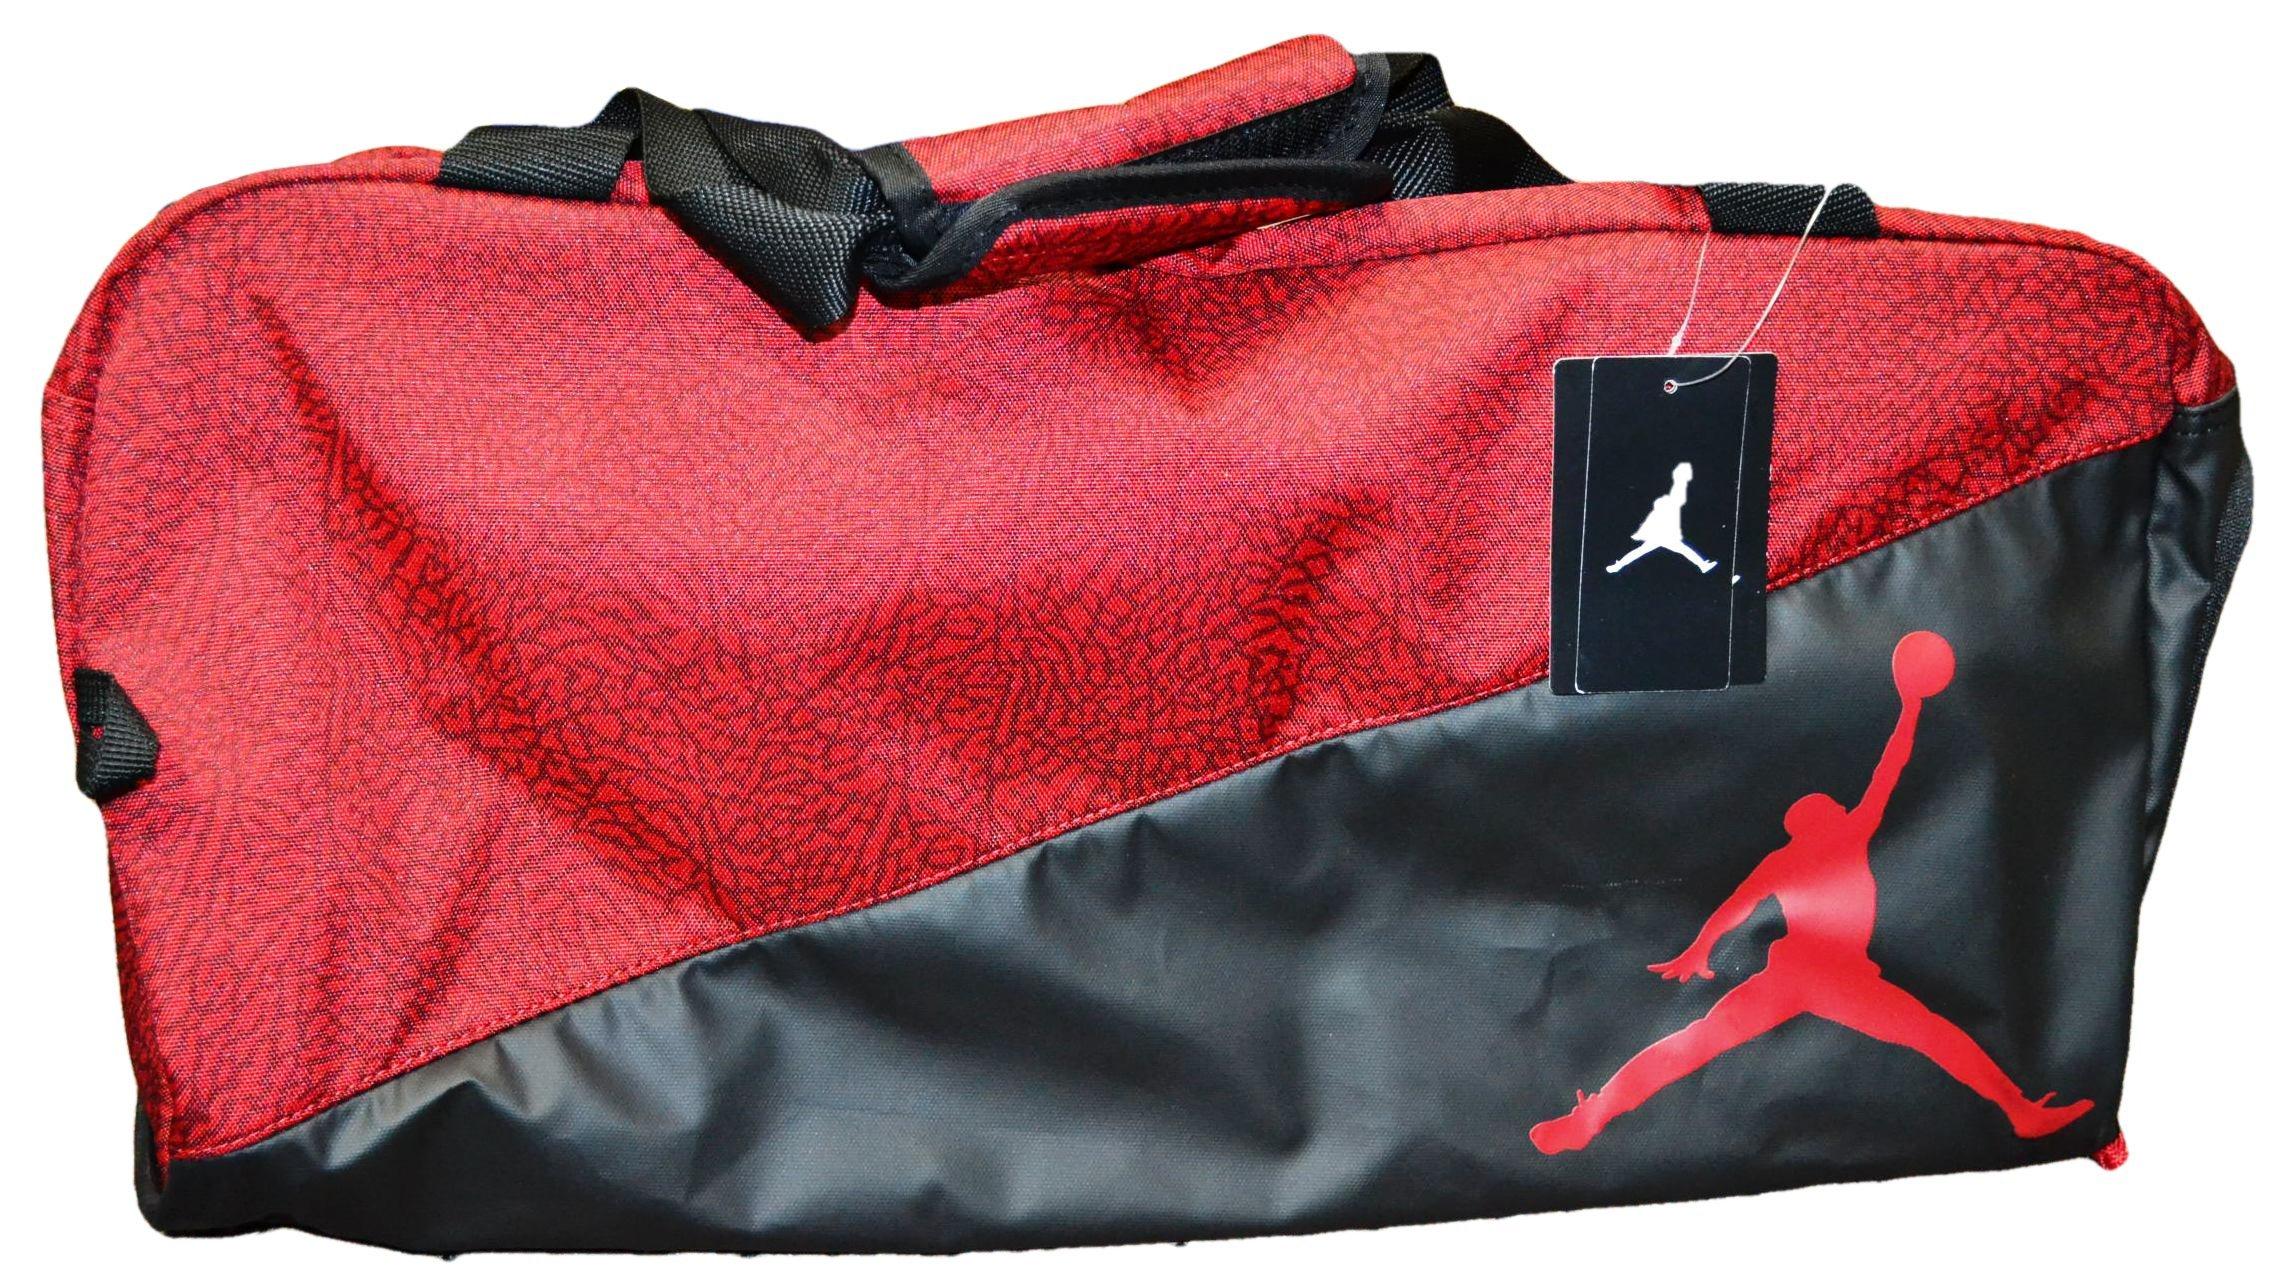 Nike Jumpman Jordan Duffel Bag (Red and Black with Red Logo)